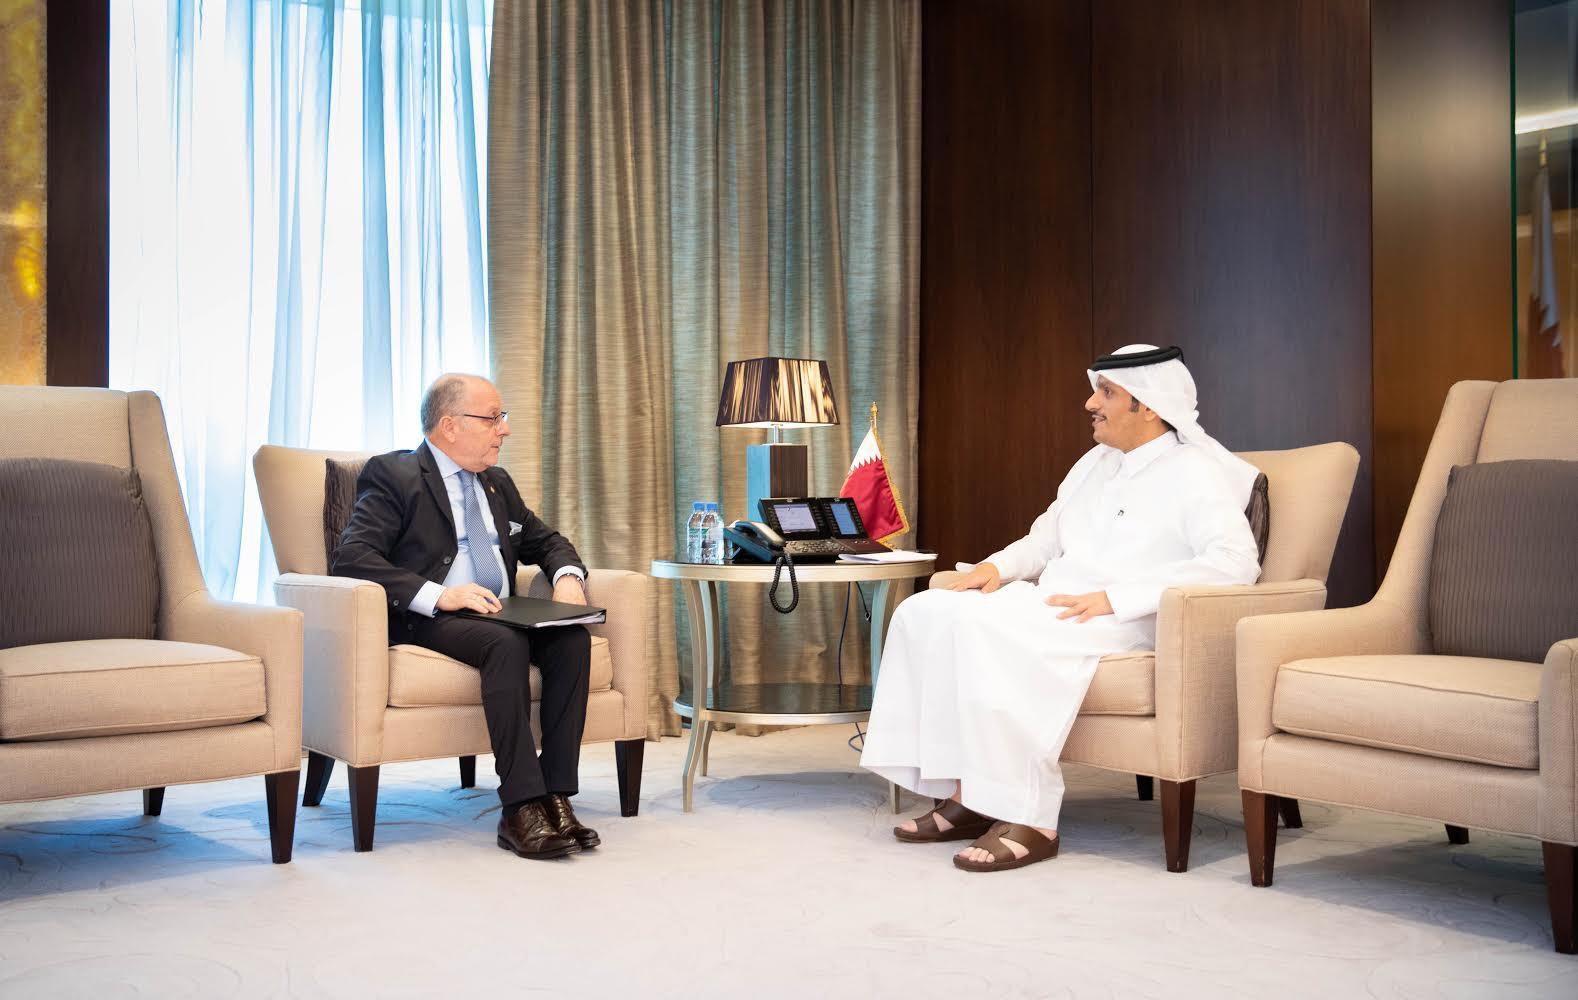 نائب رئيس مجلس الوزراء وزير الخارجية يجتمع مع وزير الخارجية وشؤون العبادة الأرجنتيني